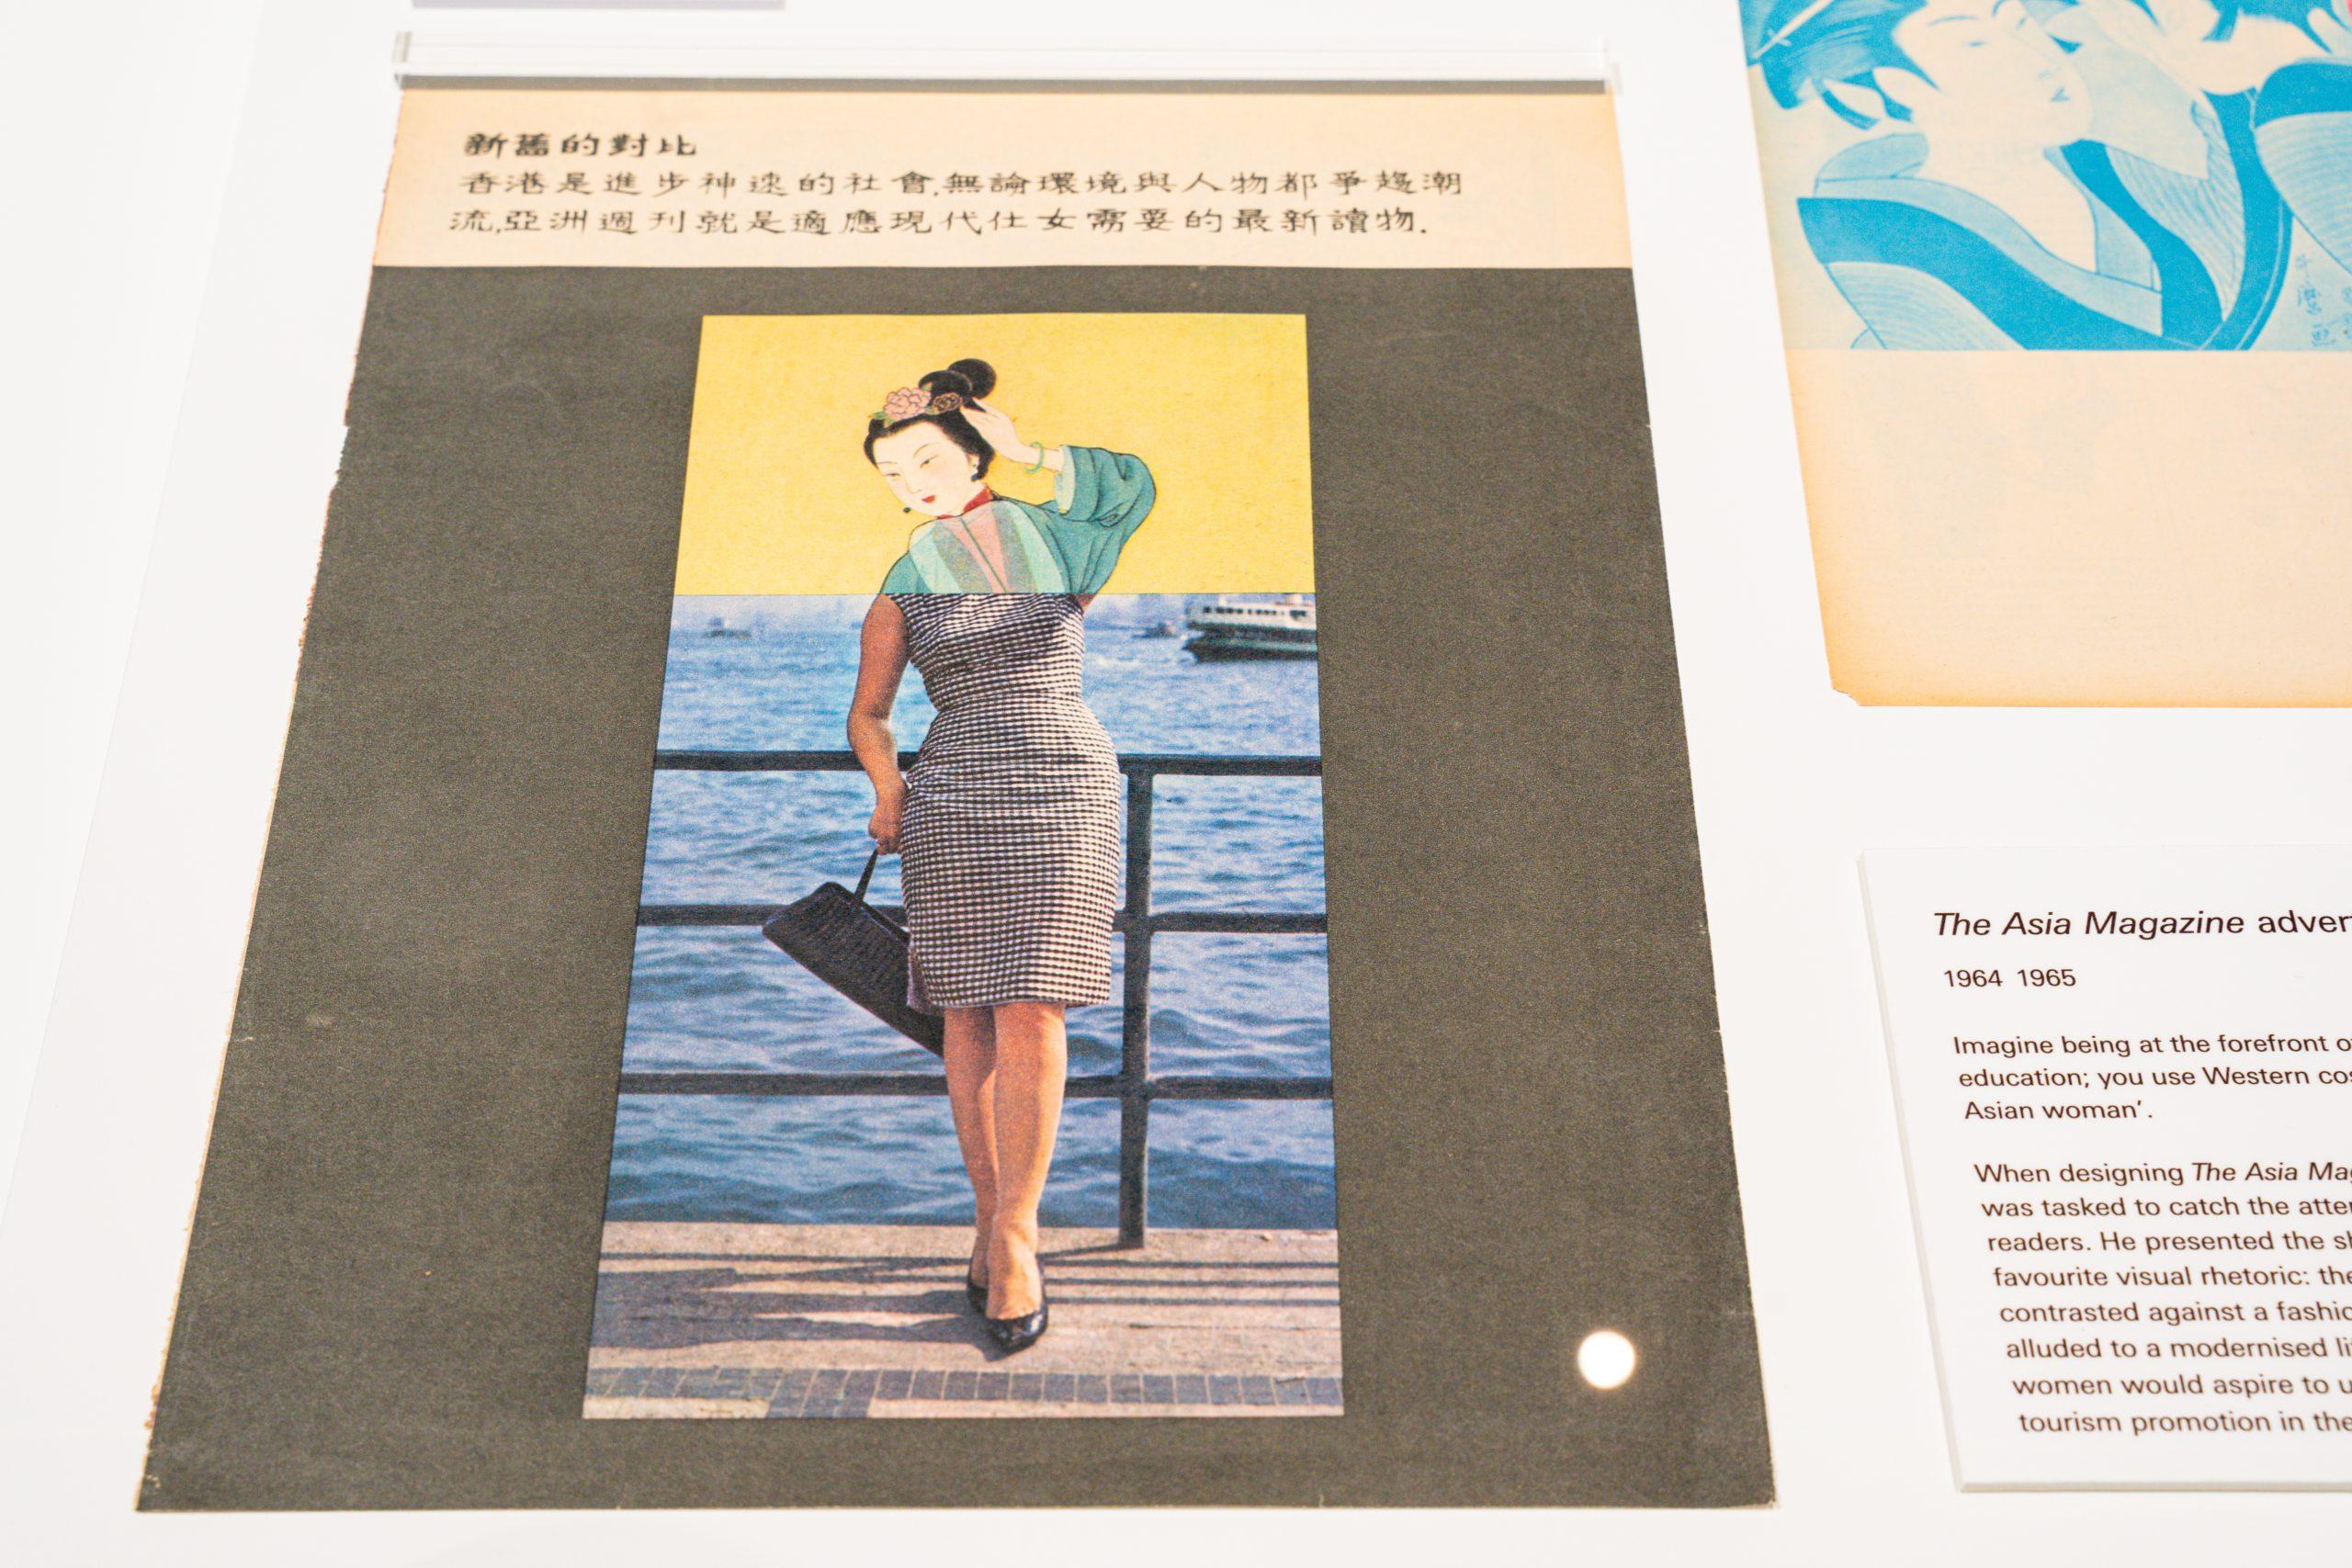 老香港設計展覽 石漢瑞 The Asia Magazine 分割圖像